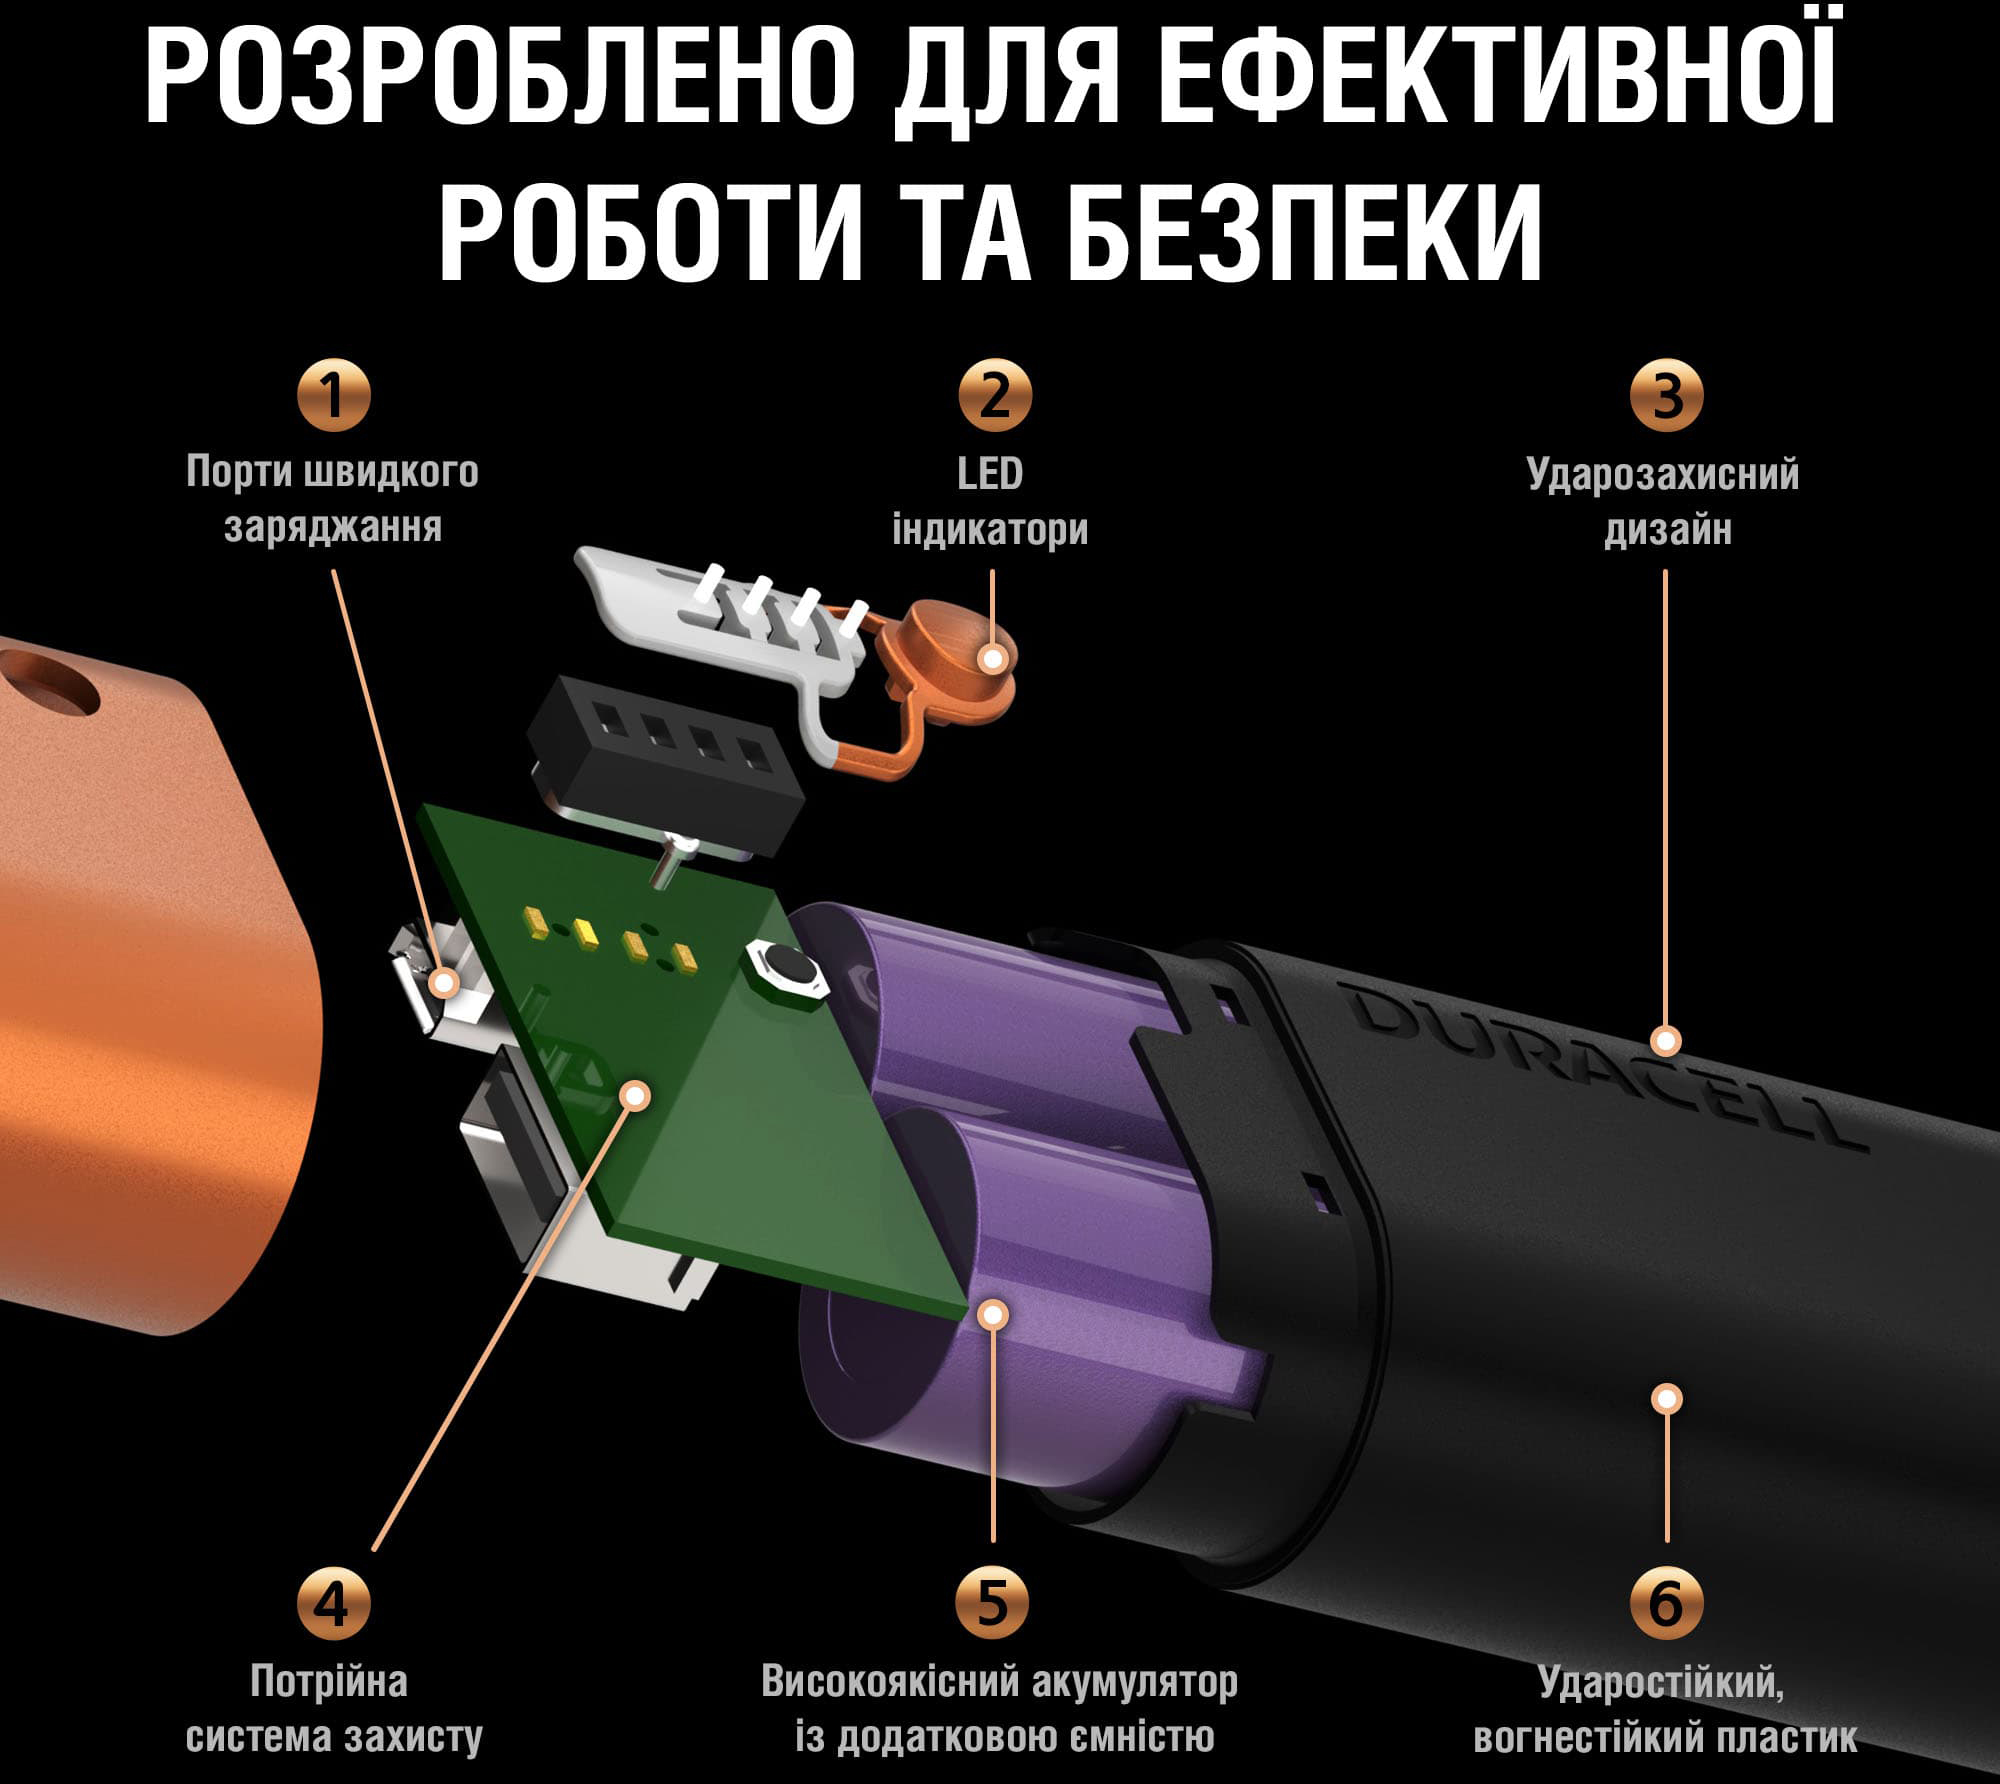 Аккумулятор-зарядка Power bank, емкость 6700мАч, выход 2,4А - 1 USB, вход - microUSB Duracell - фото 7